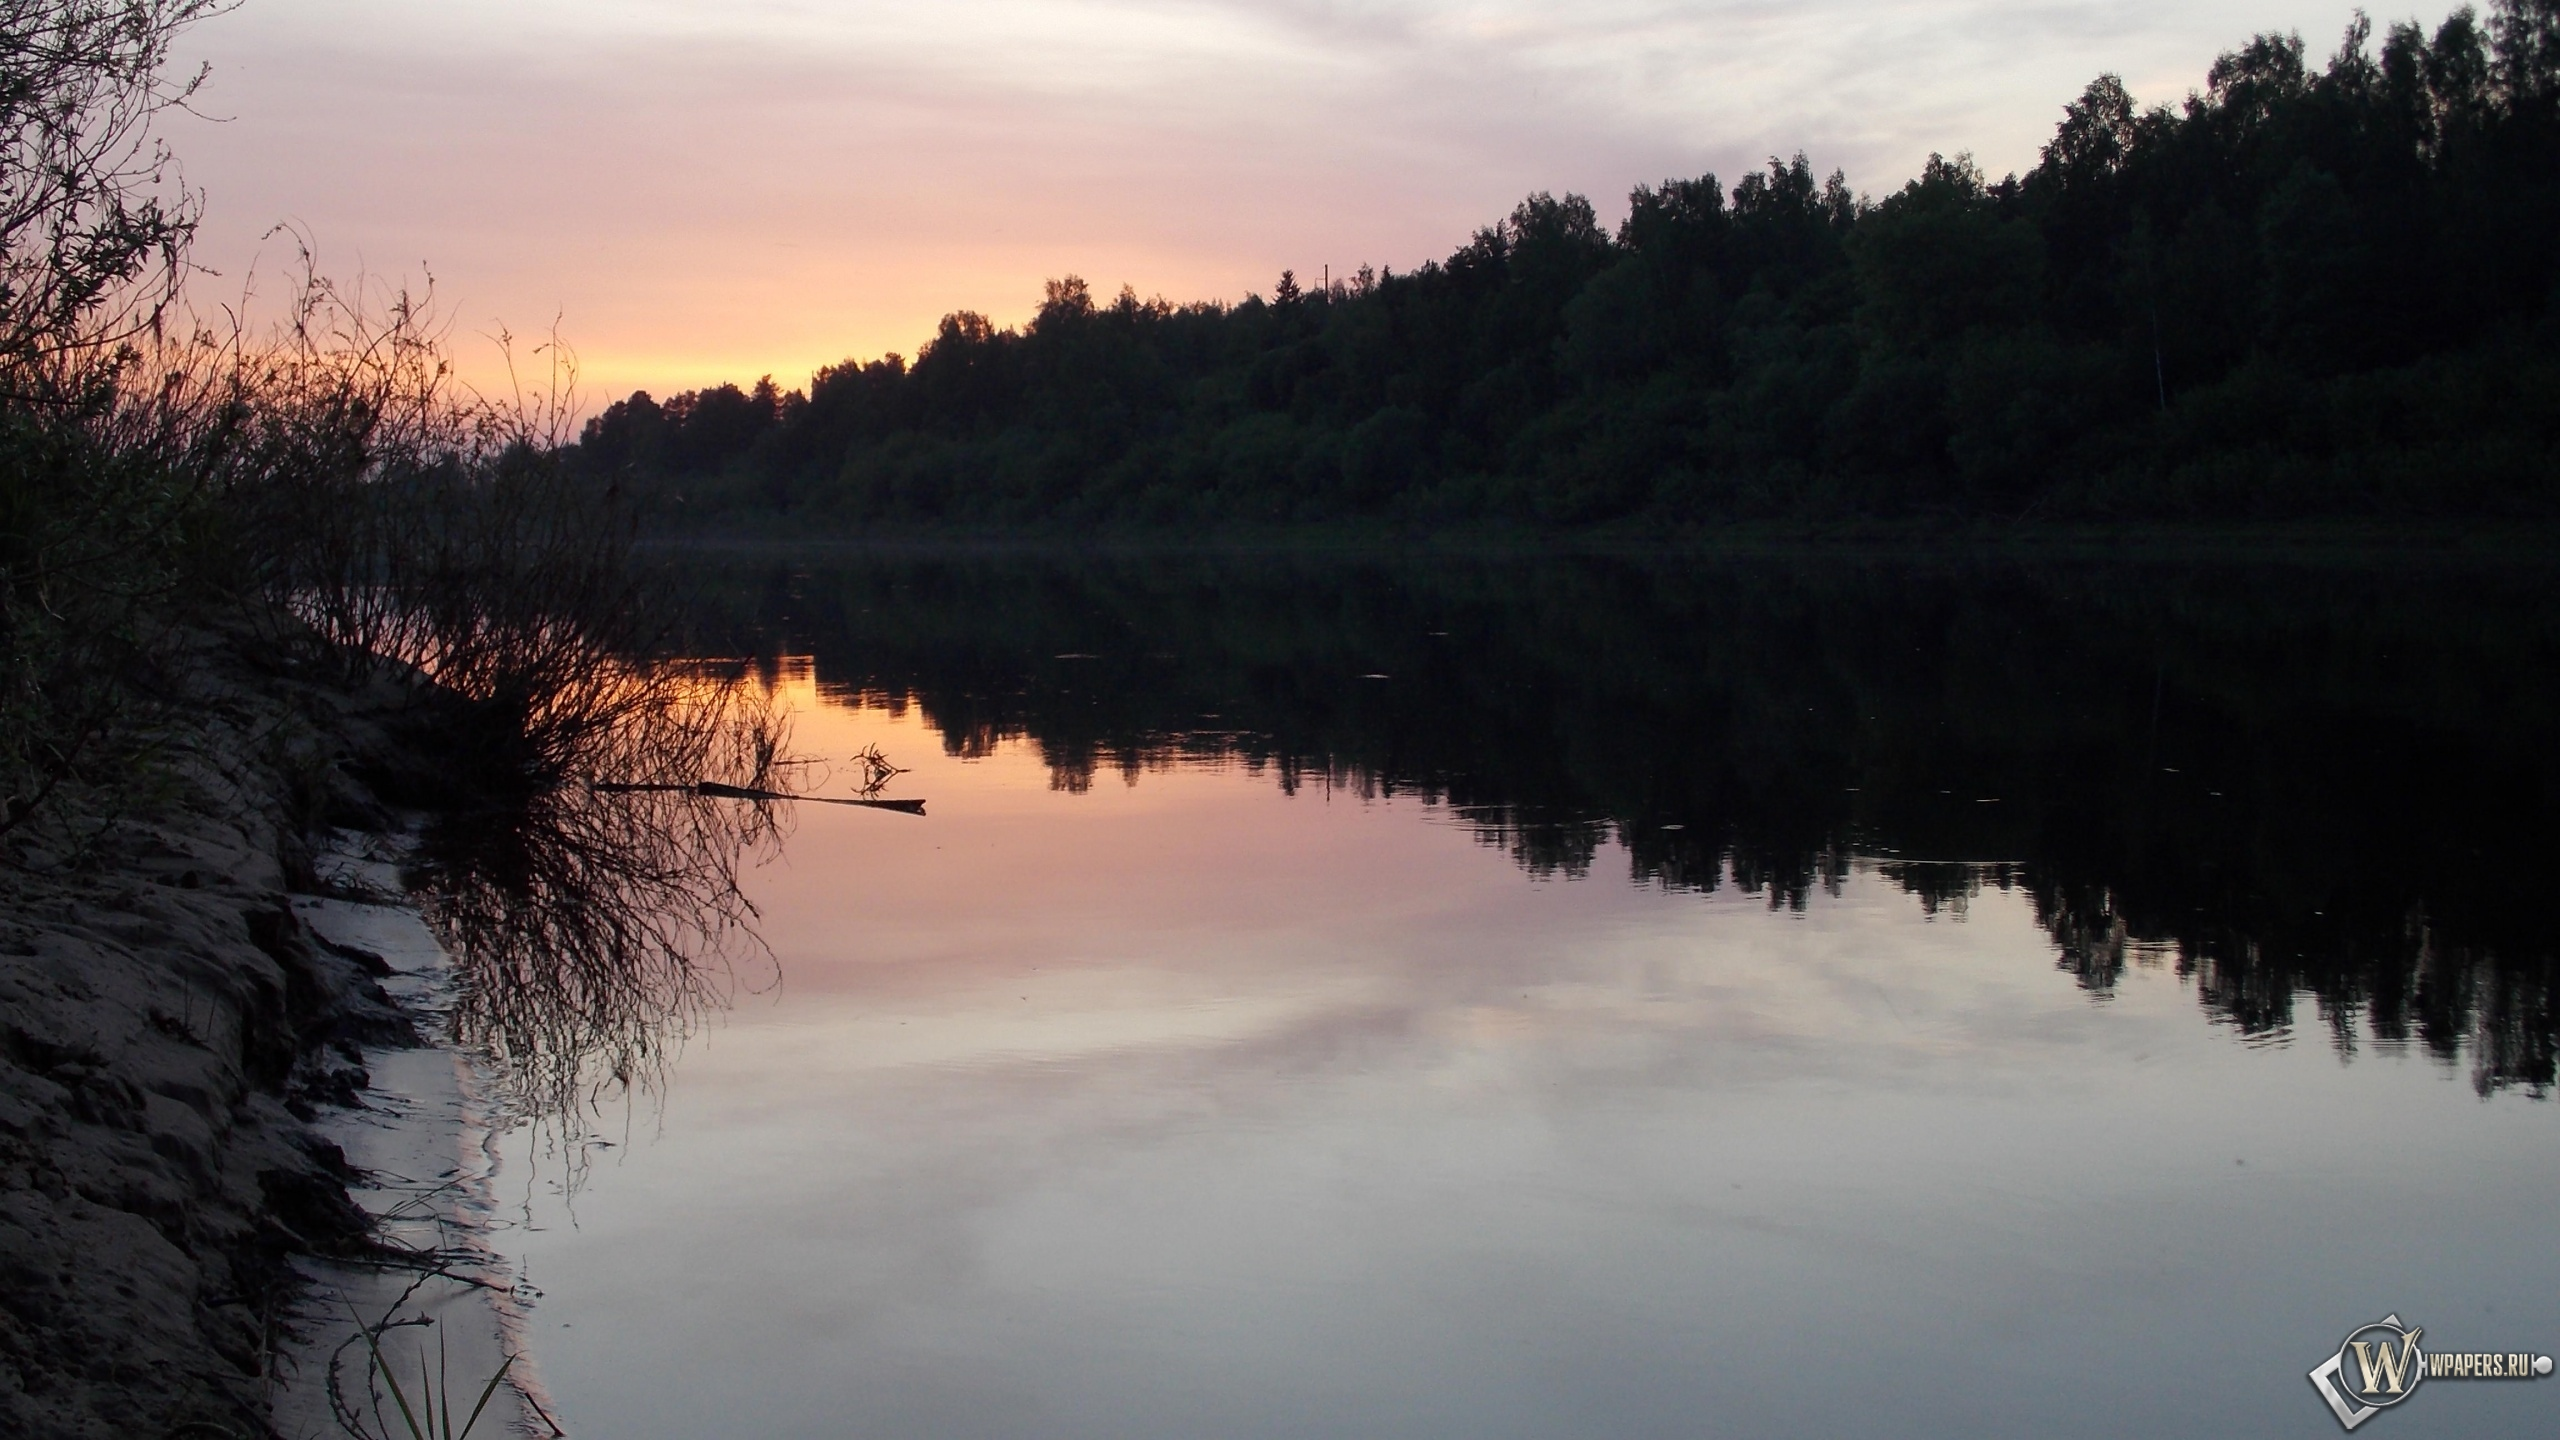 река после заката солнца 2560x1440